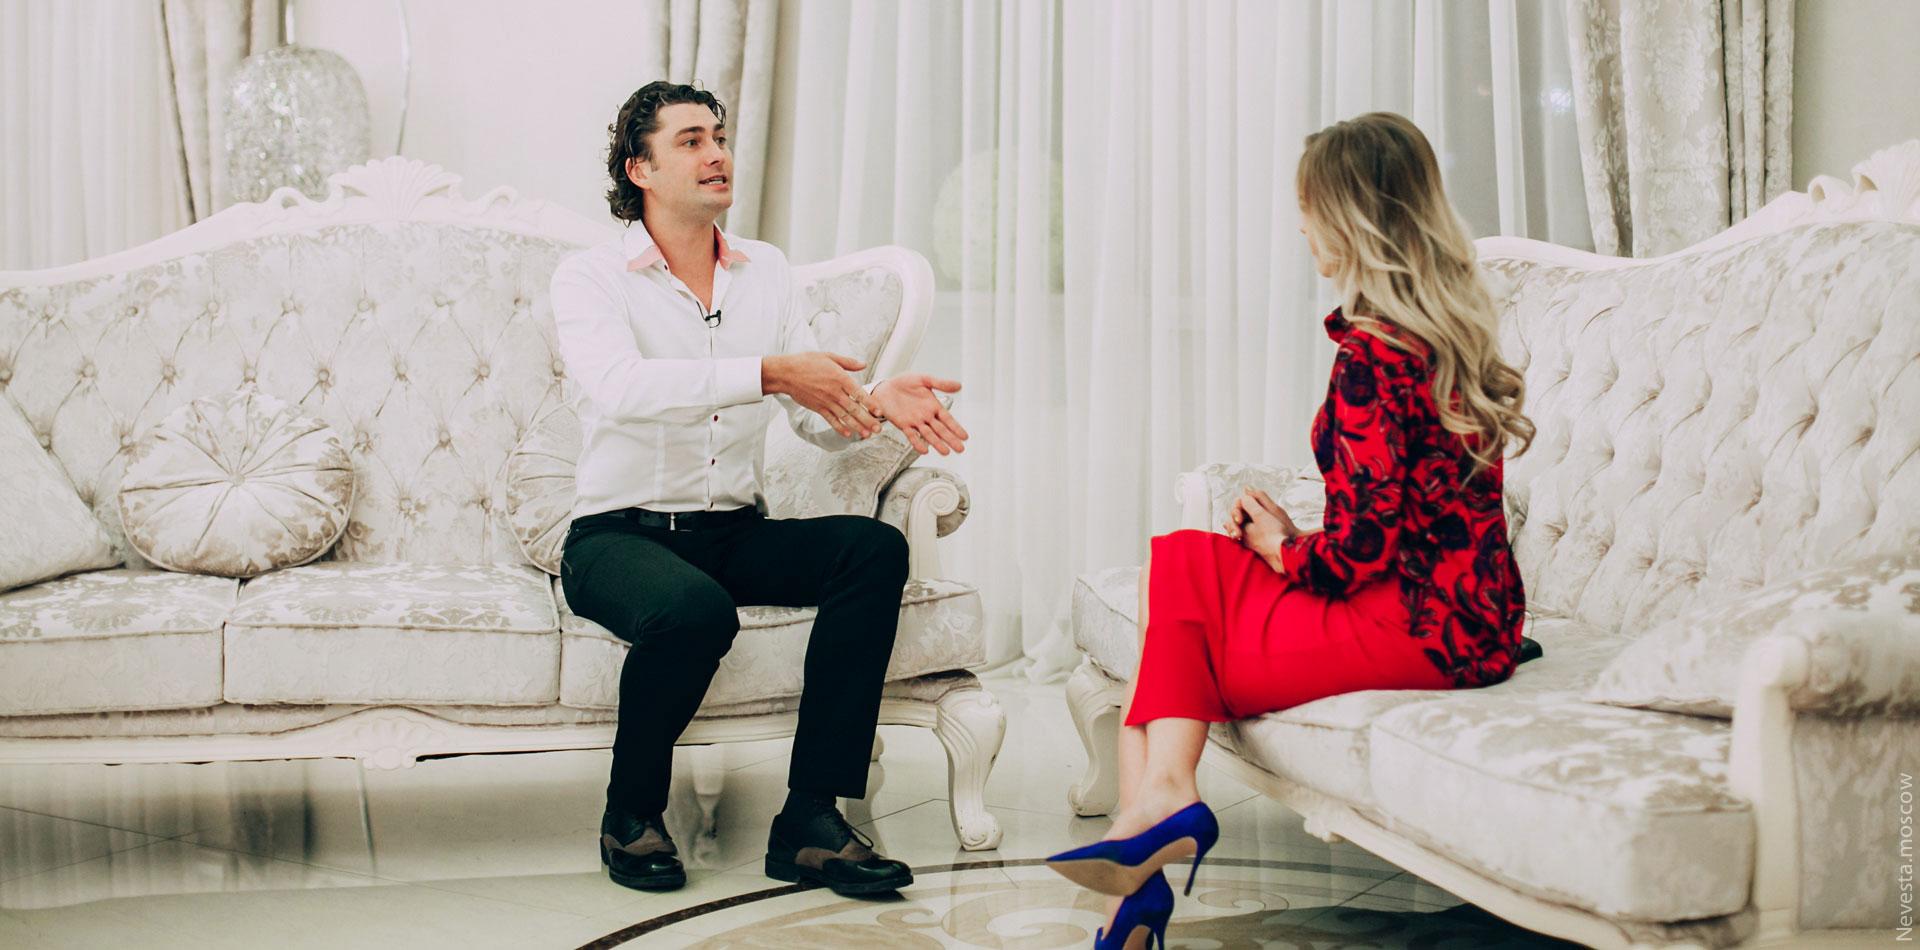 Анна Городжая: разговор с Дмитрием Олениным фото 5